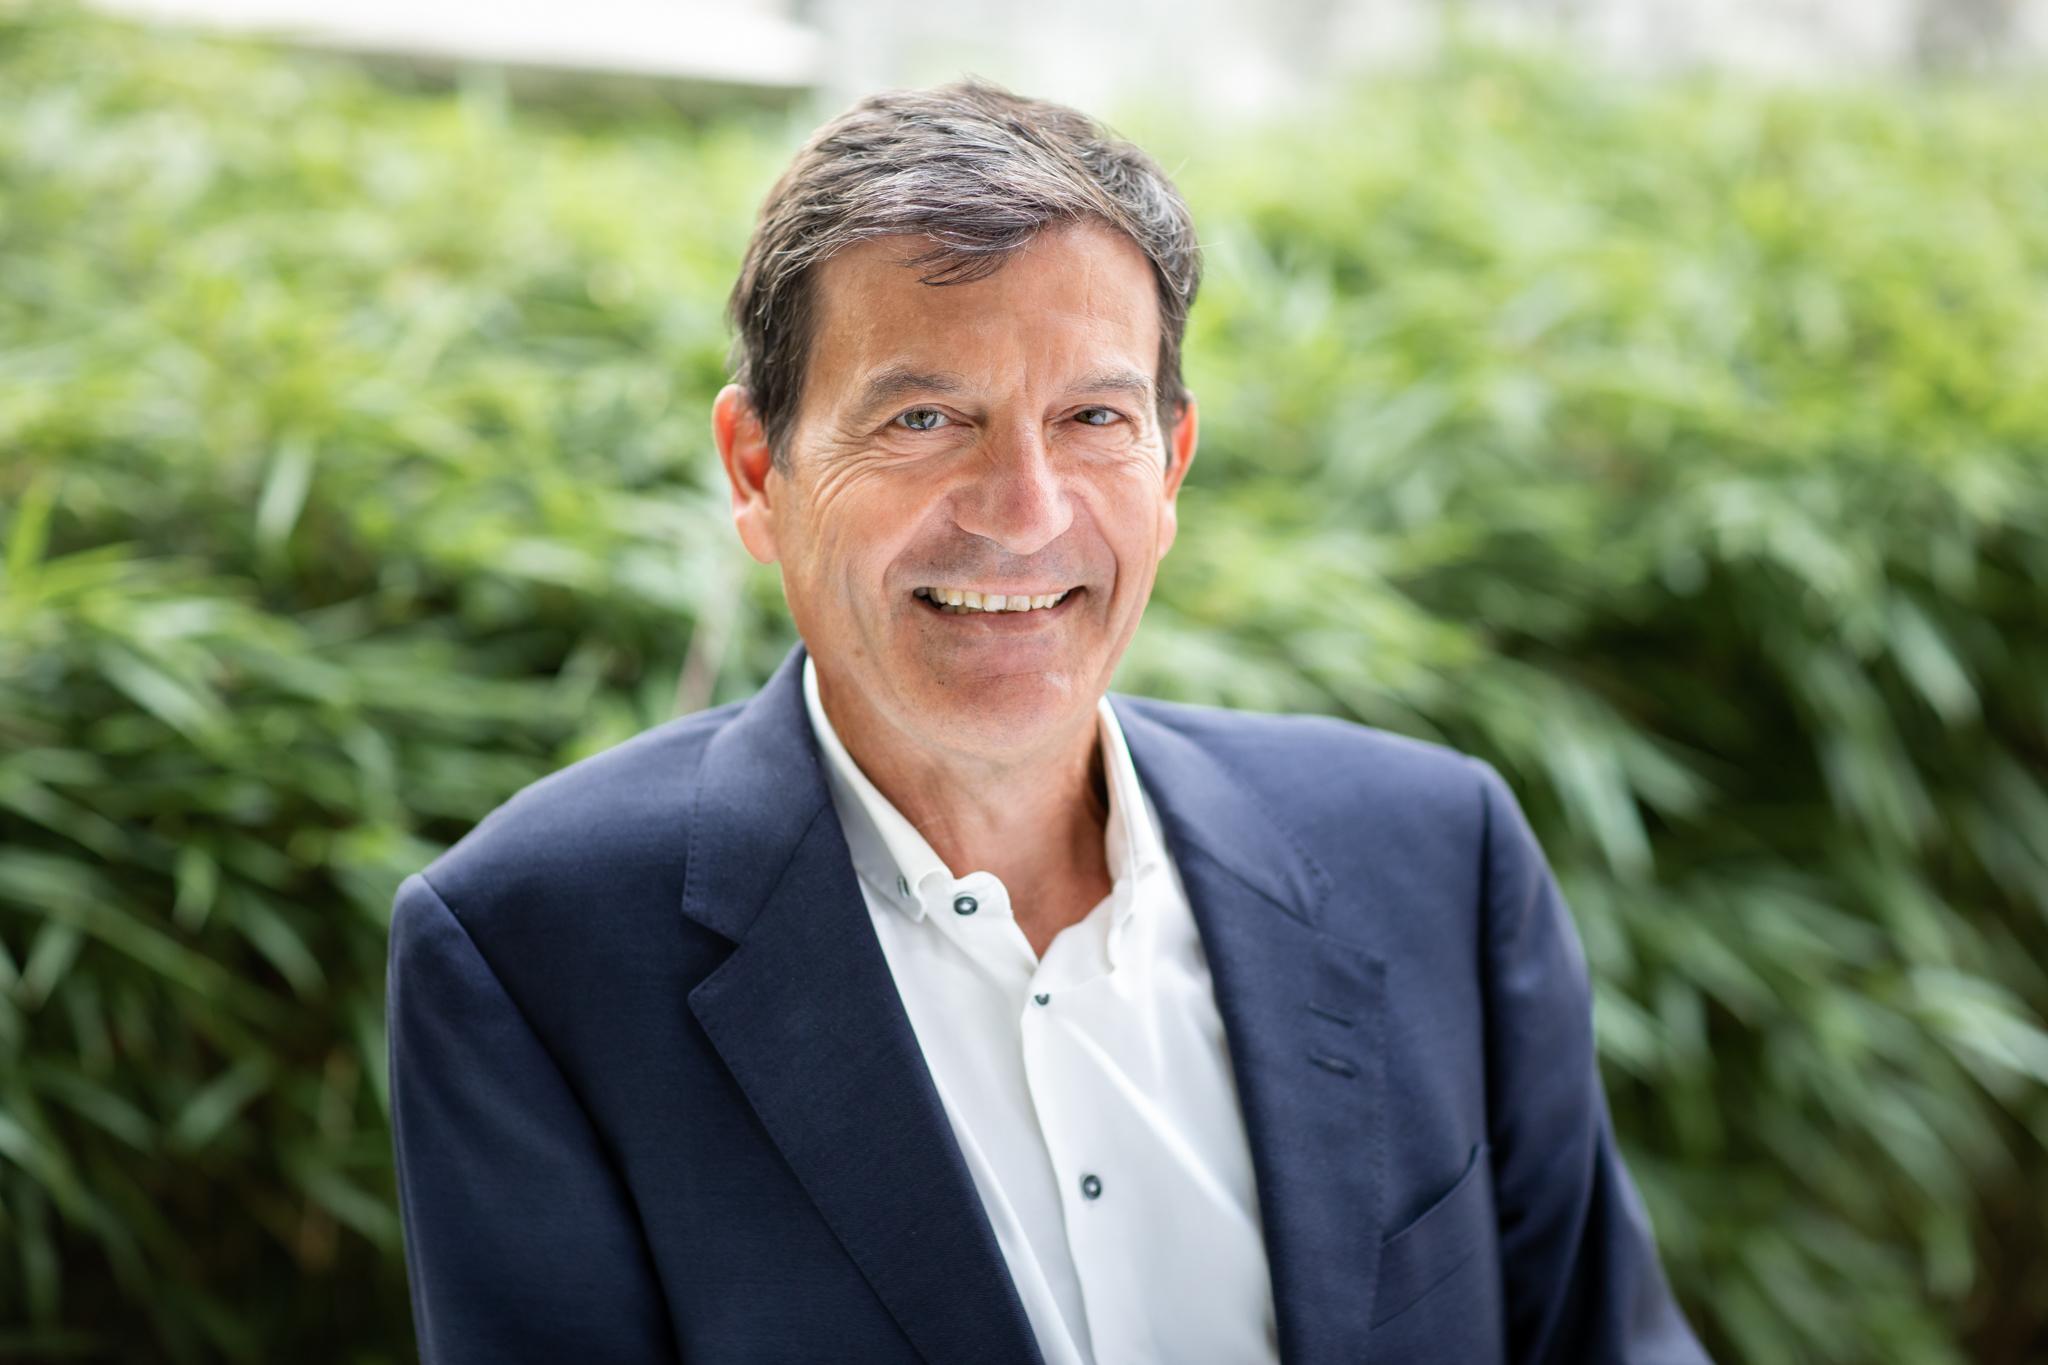 Philippe Champaud